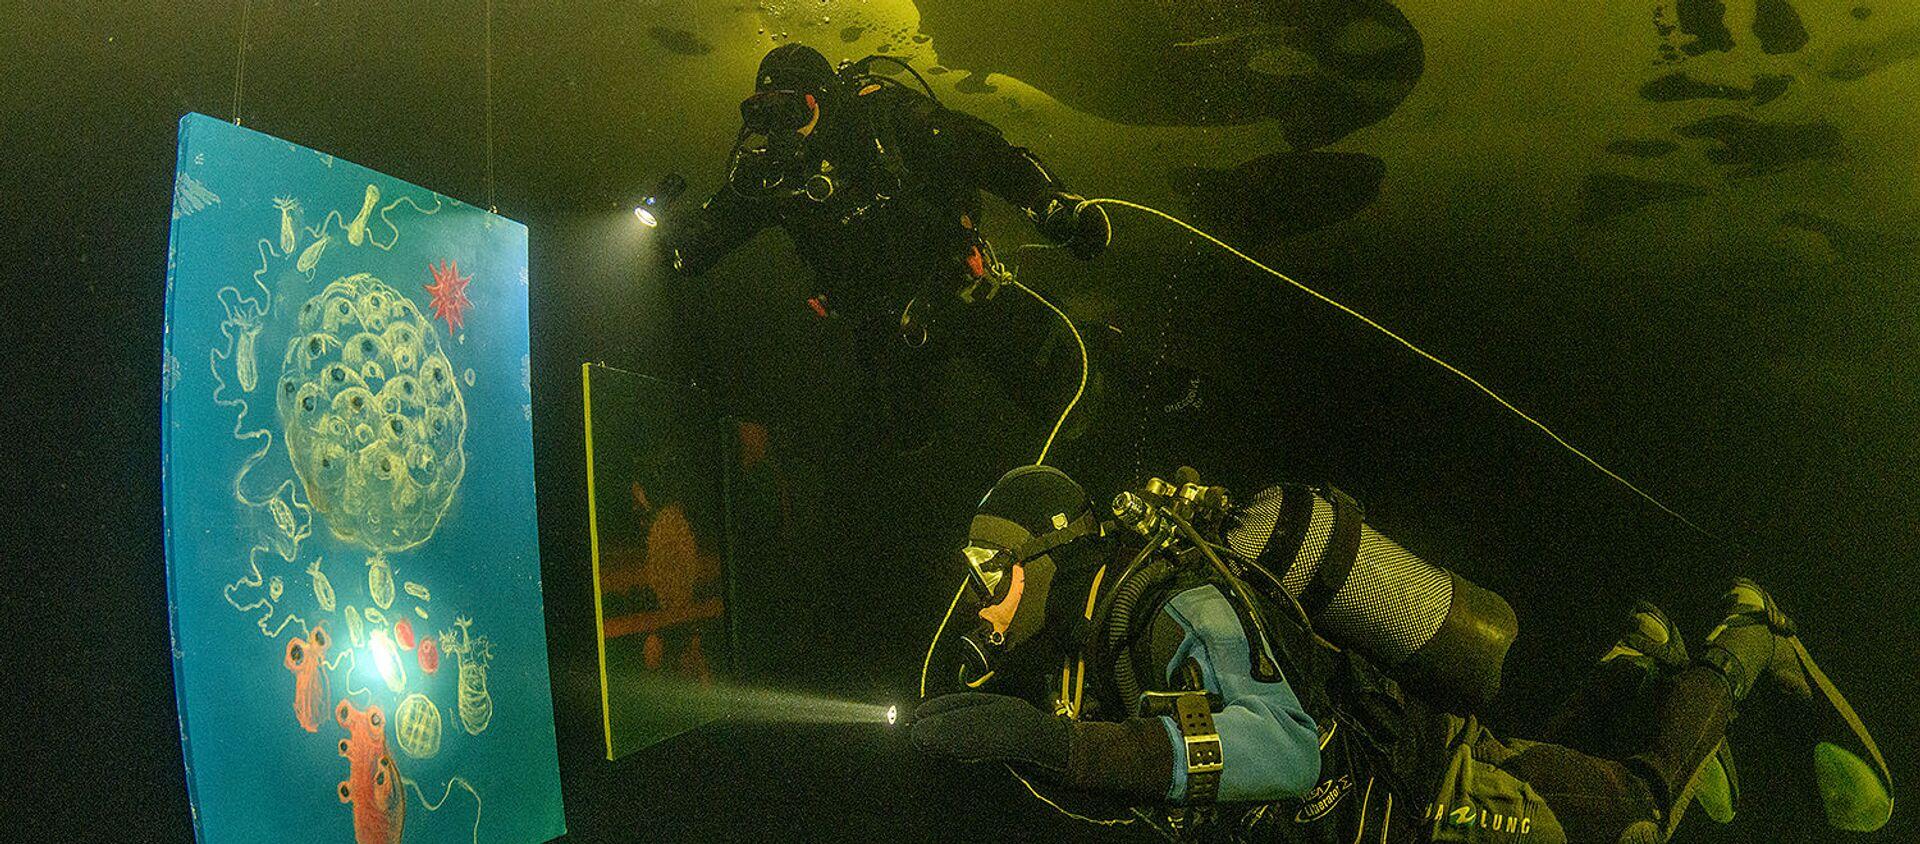 Gli ospiti devono, tuttavia, avere esperienza di immersione subacquea e patentino da sub - Sputnik Italia, 1920, 10.03.2021